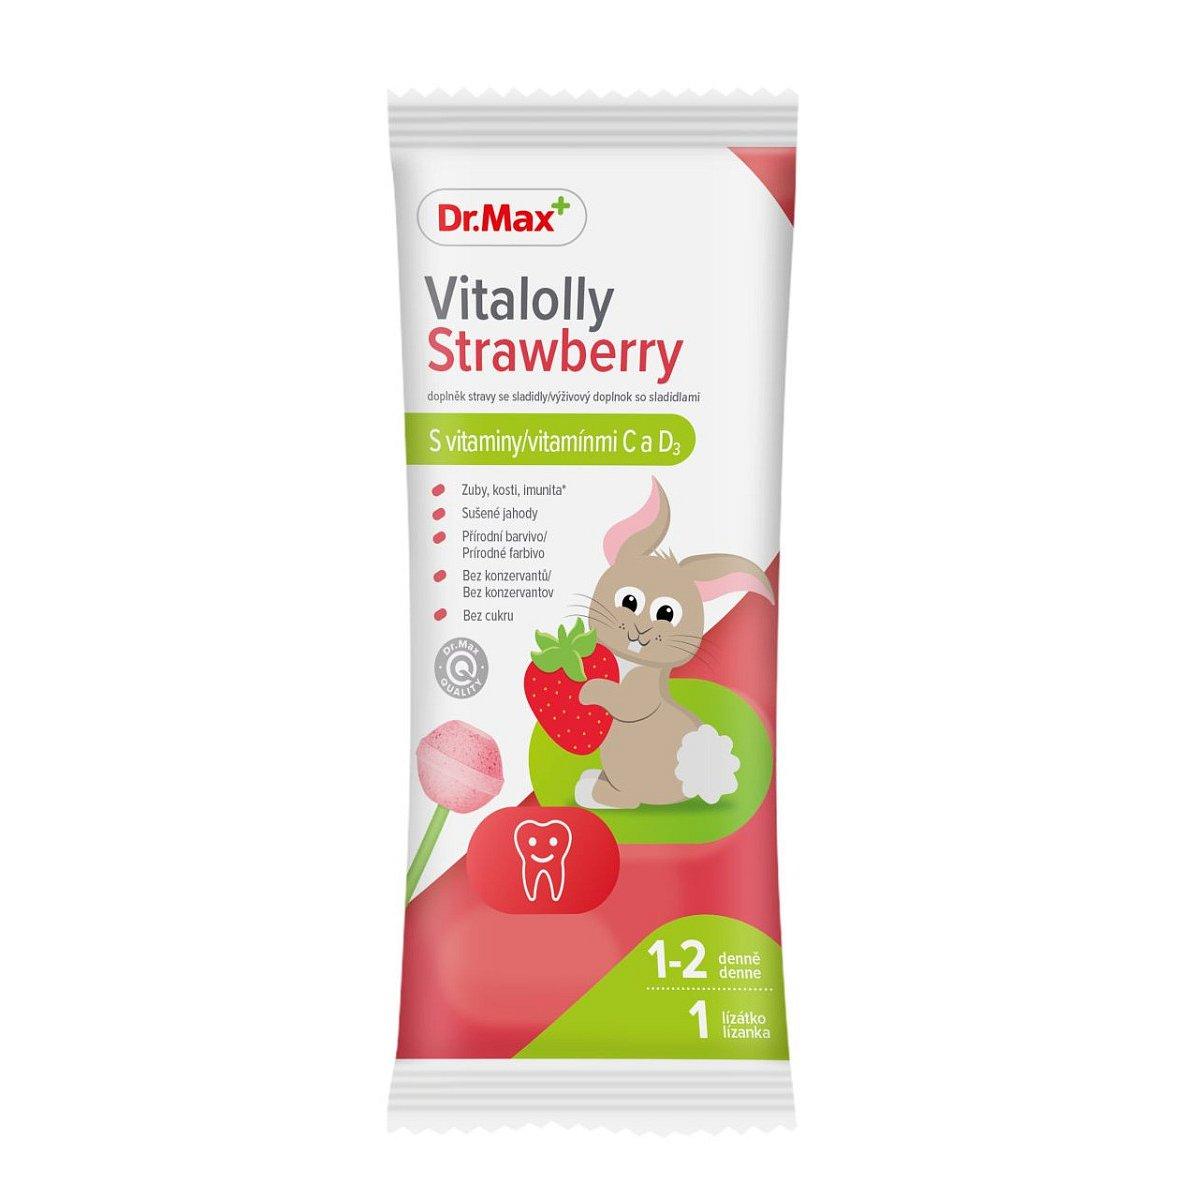 Dr.Max Vitalolly Strawberry lízátko 1 ks